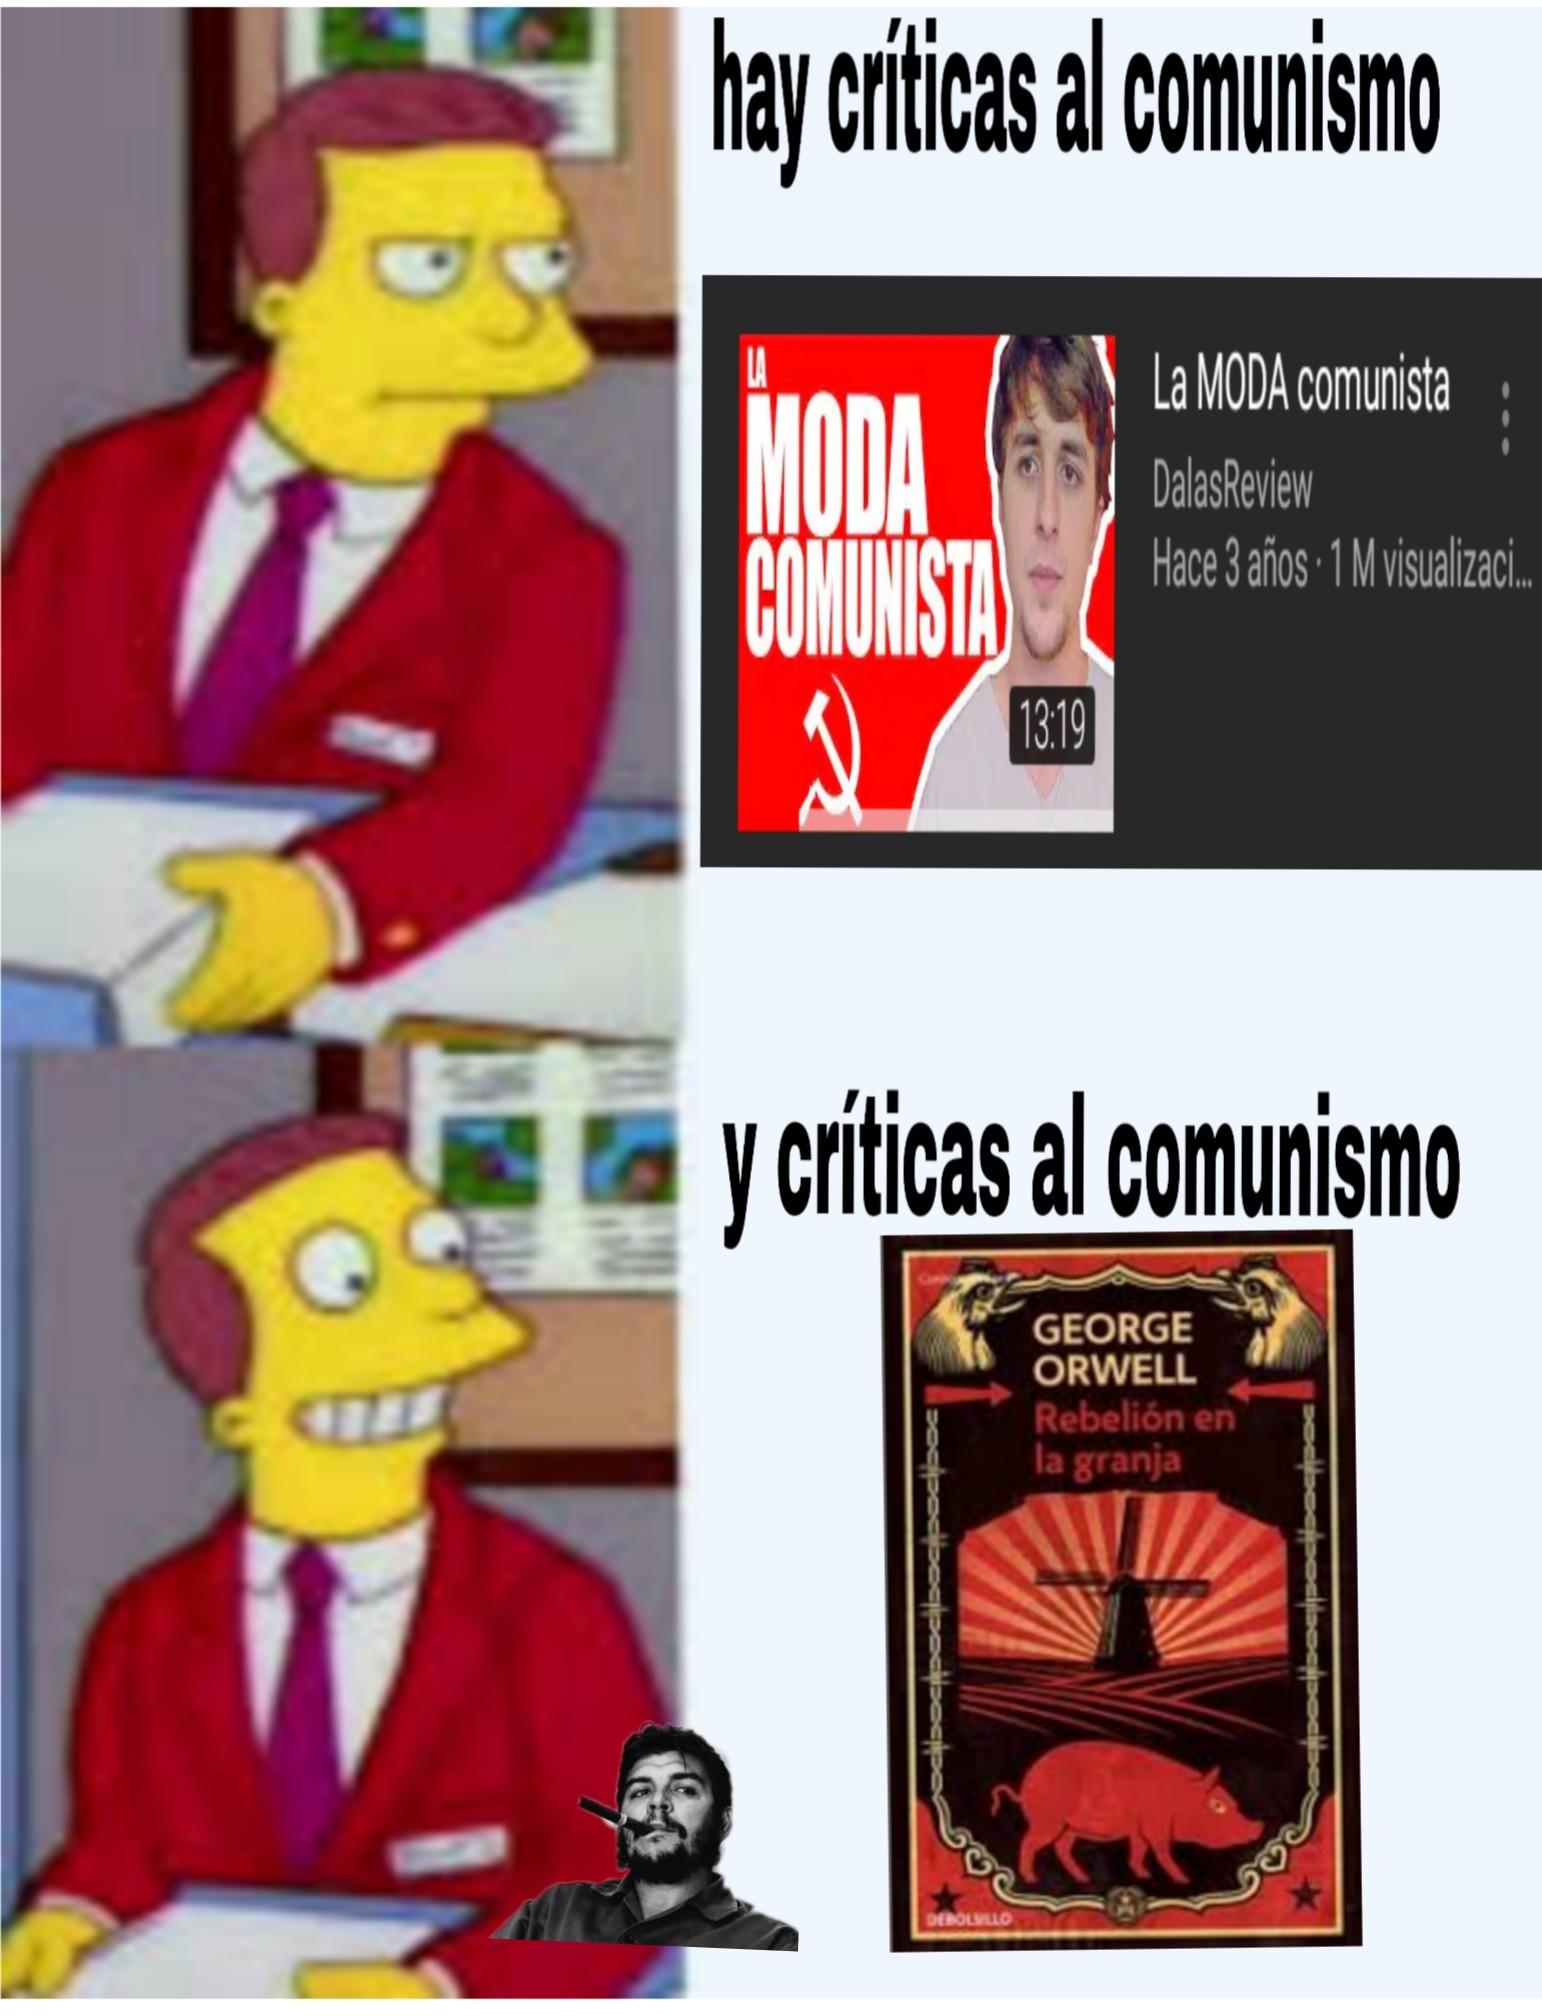 Wena - meme